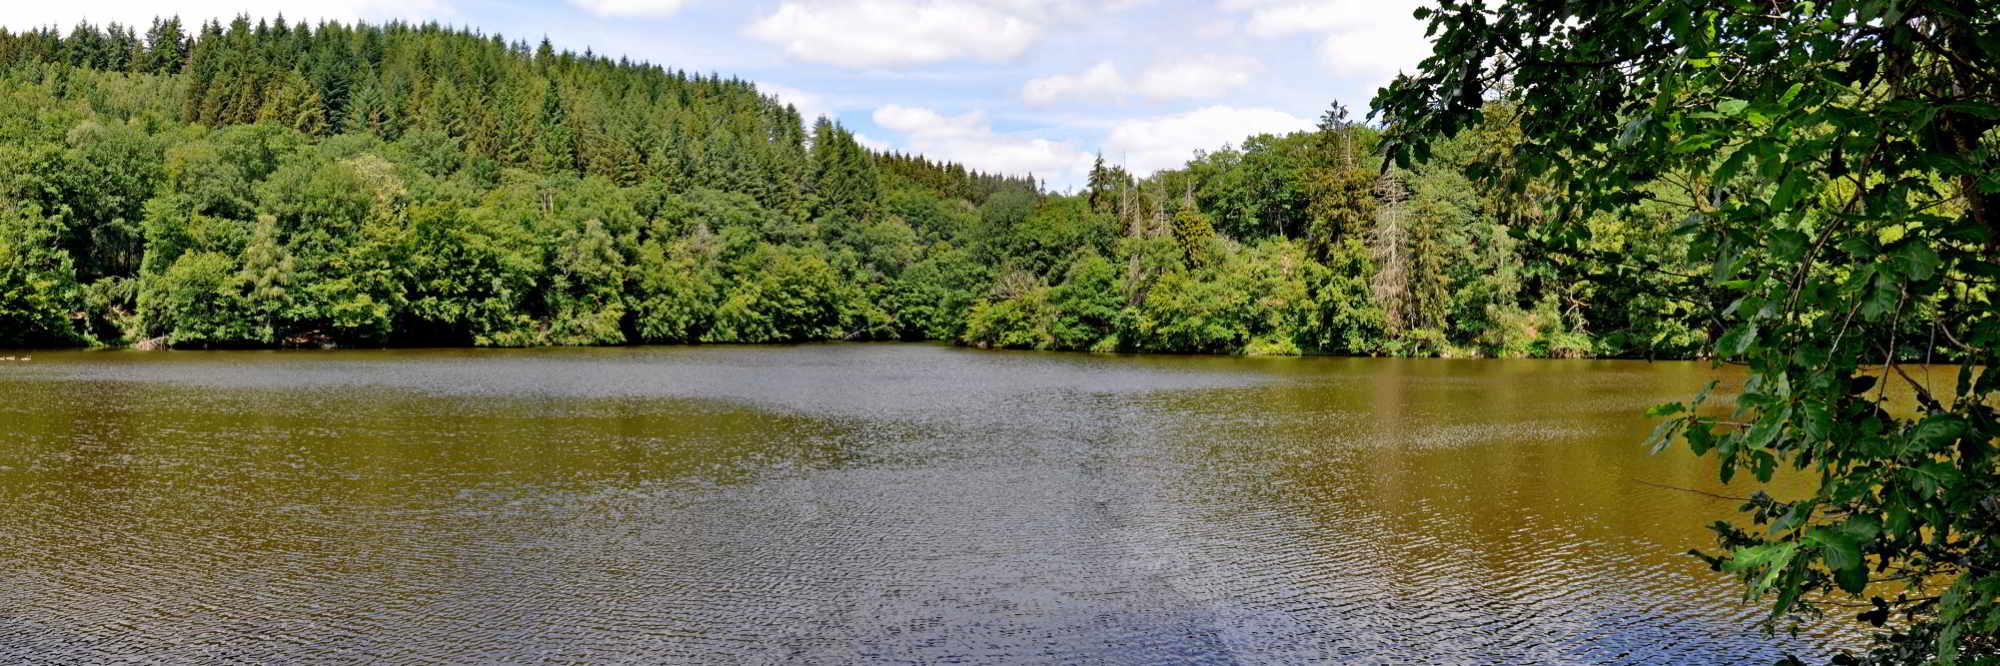 headerfoto eislek trail